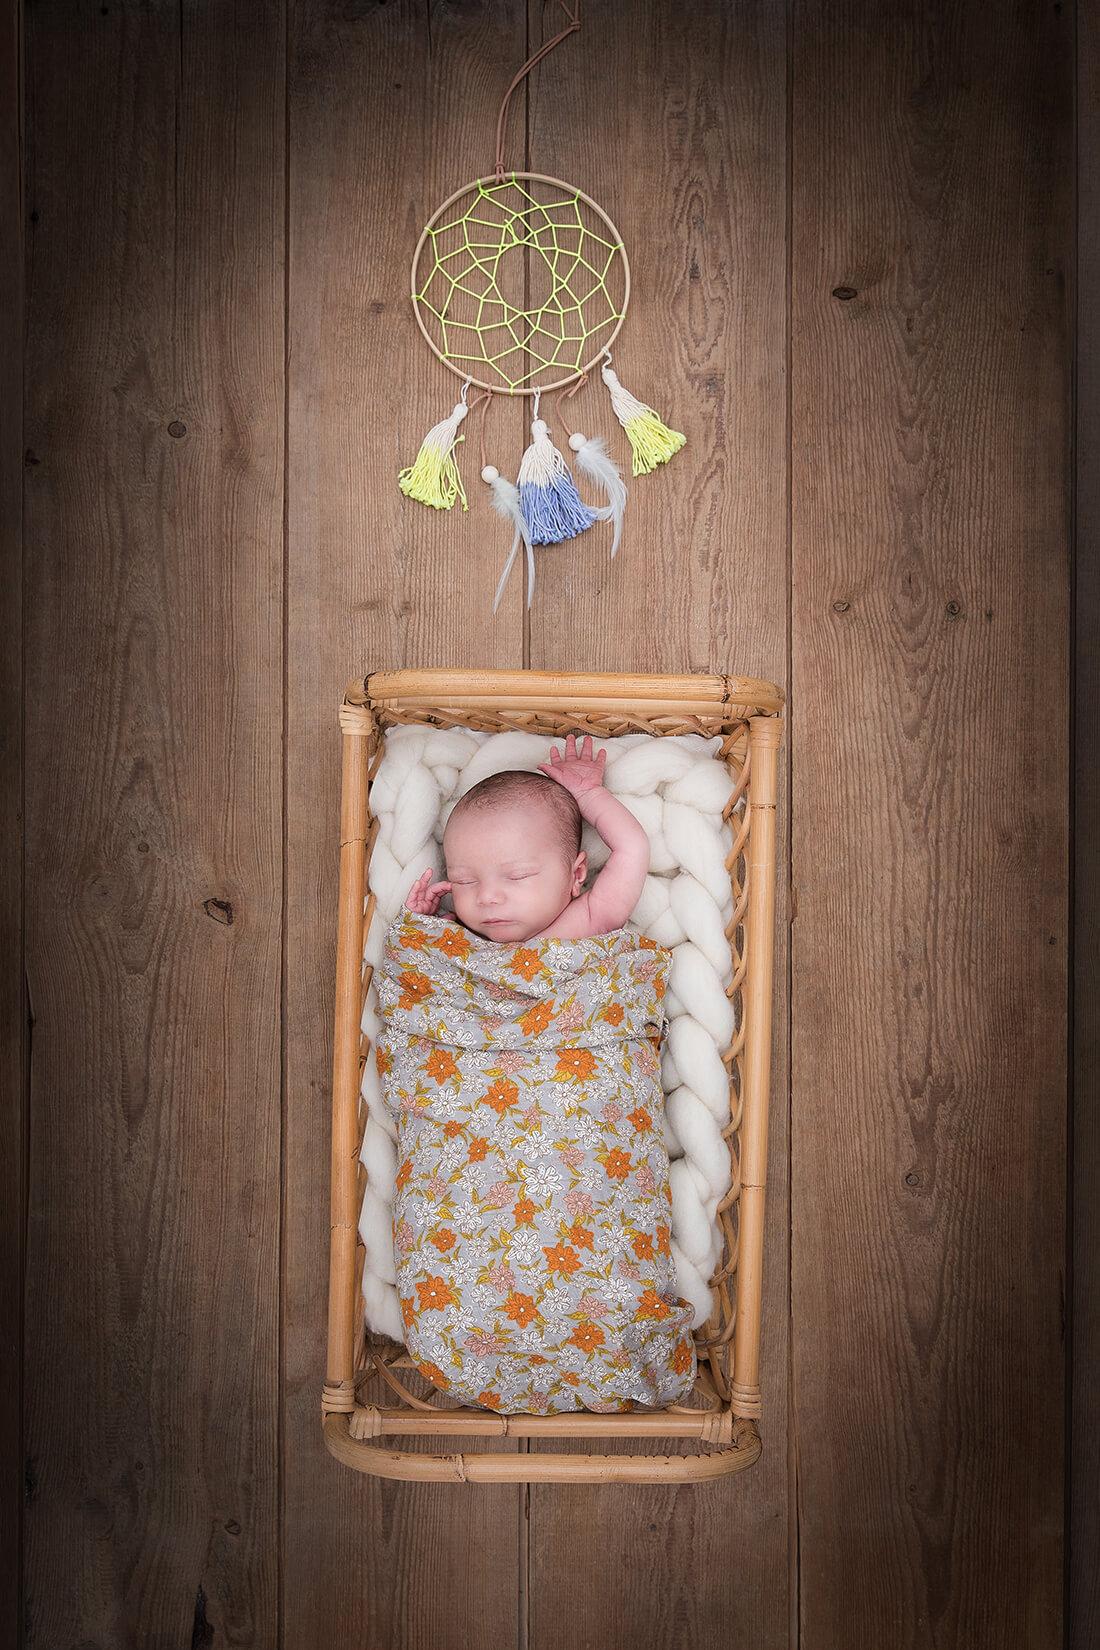 Neugeborenes in Bett liegend © Miriam Ellerbrake, Berlin 2018